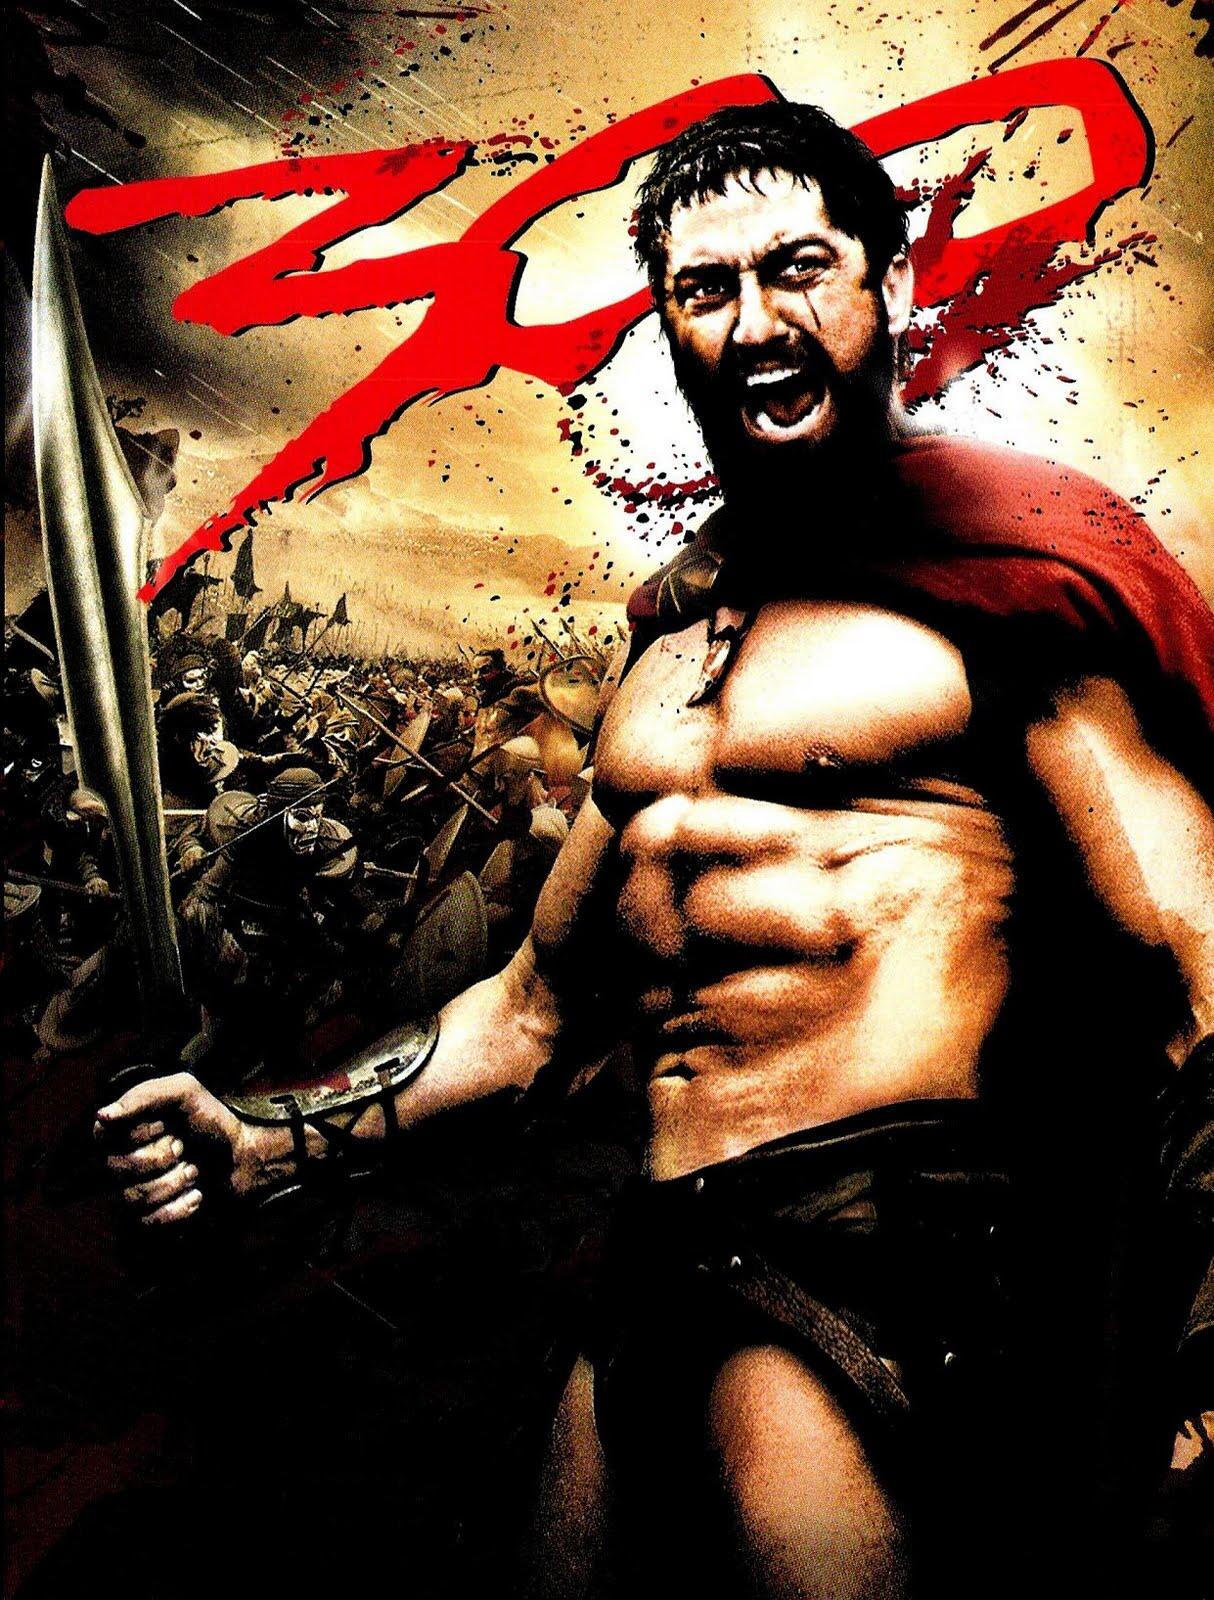 300 (film)